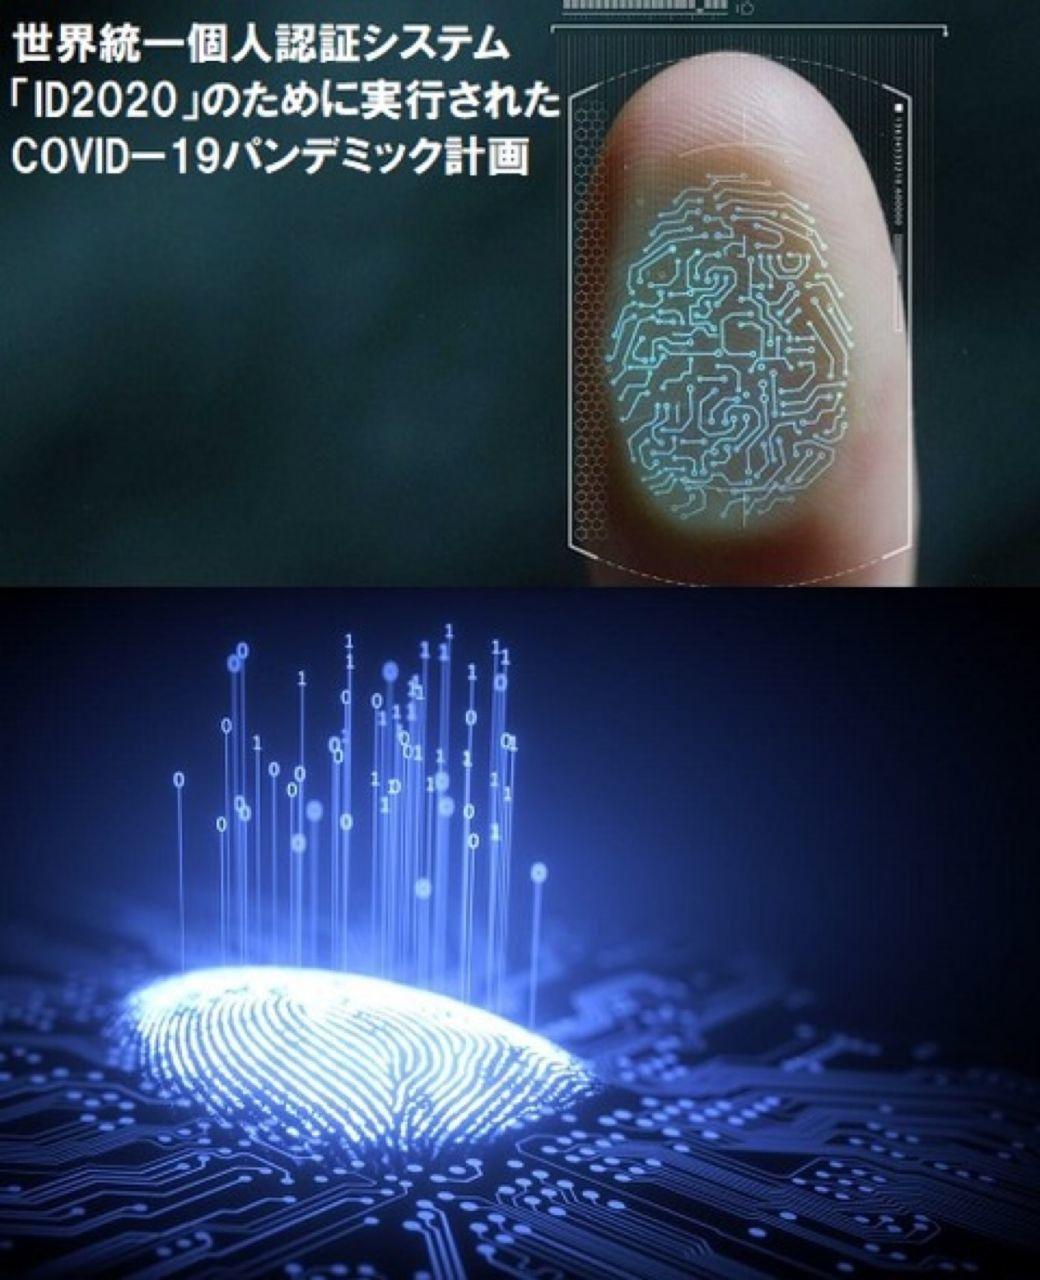 あめちゃん2 デジタルID  世界知的所有権機関  特許番号 WO2020060606 出願日2019年6月20日